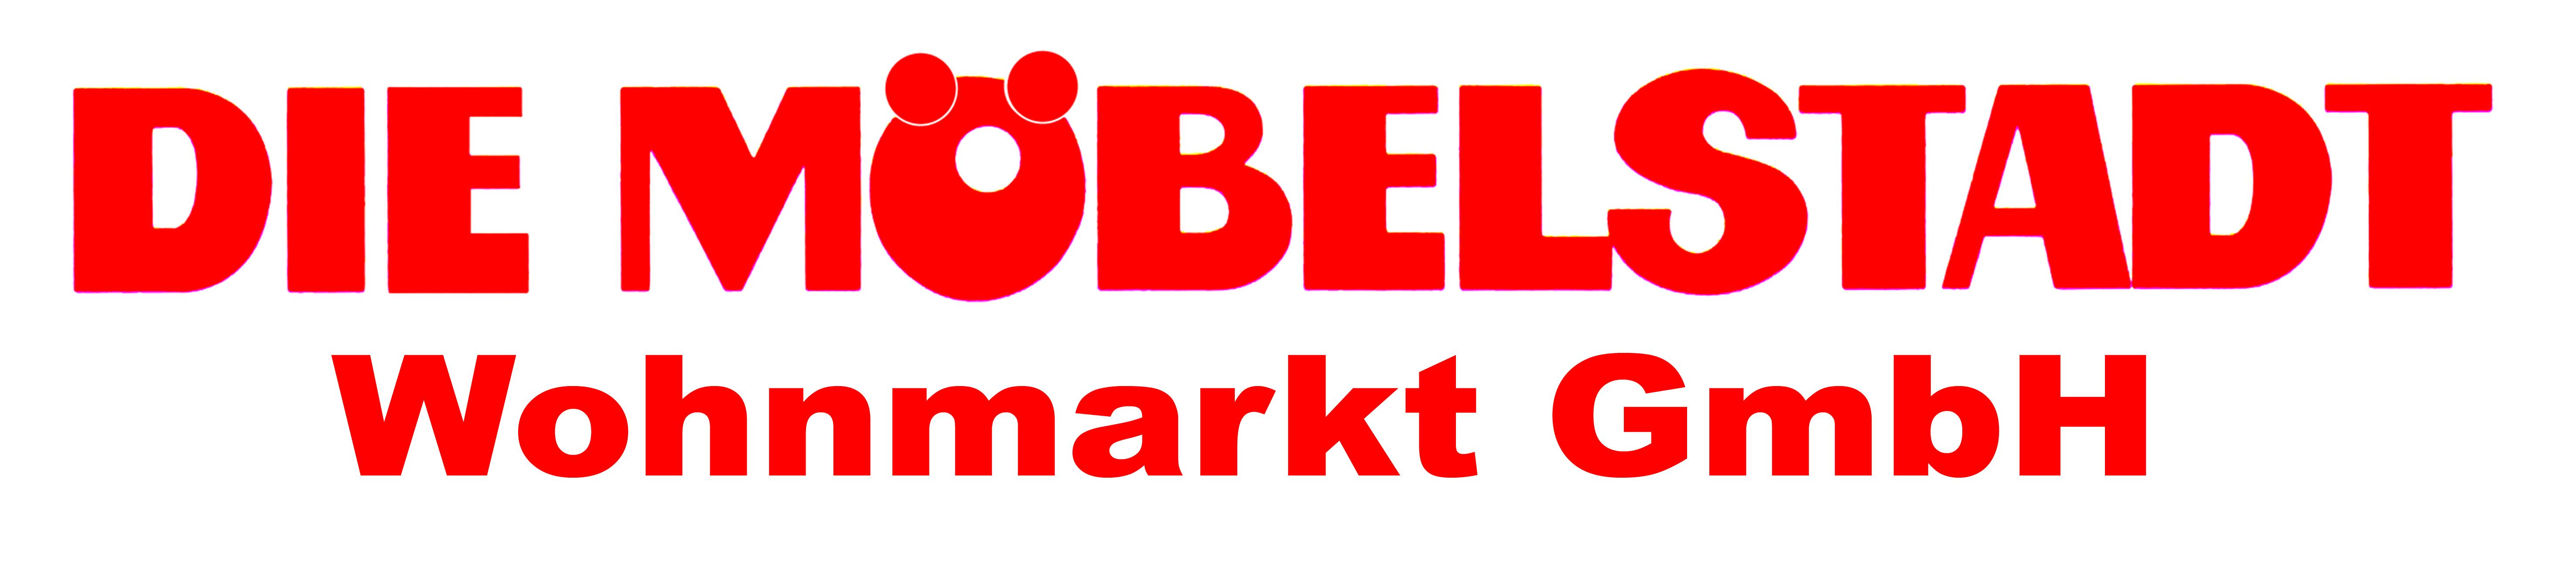 die-moebelstadt-wohnmarkt-gmbh-steinheim logo